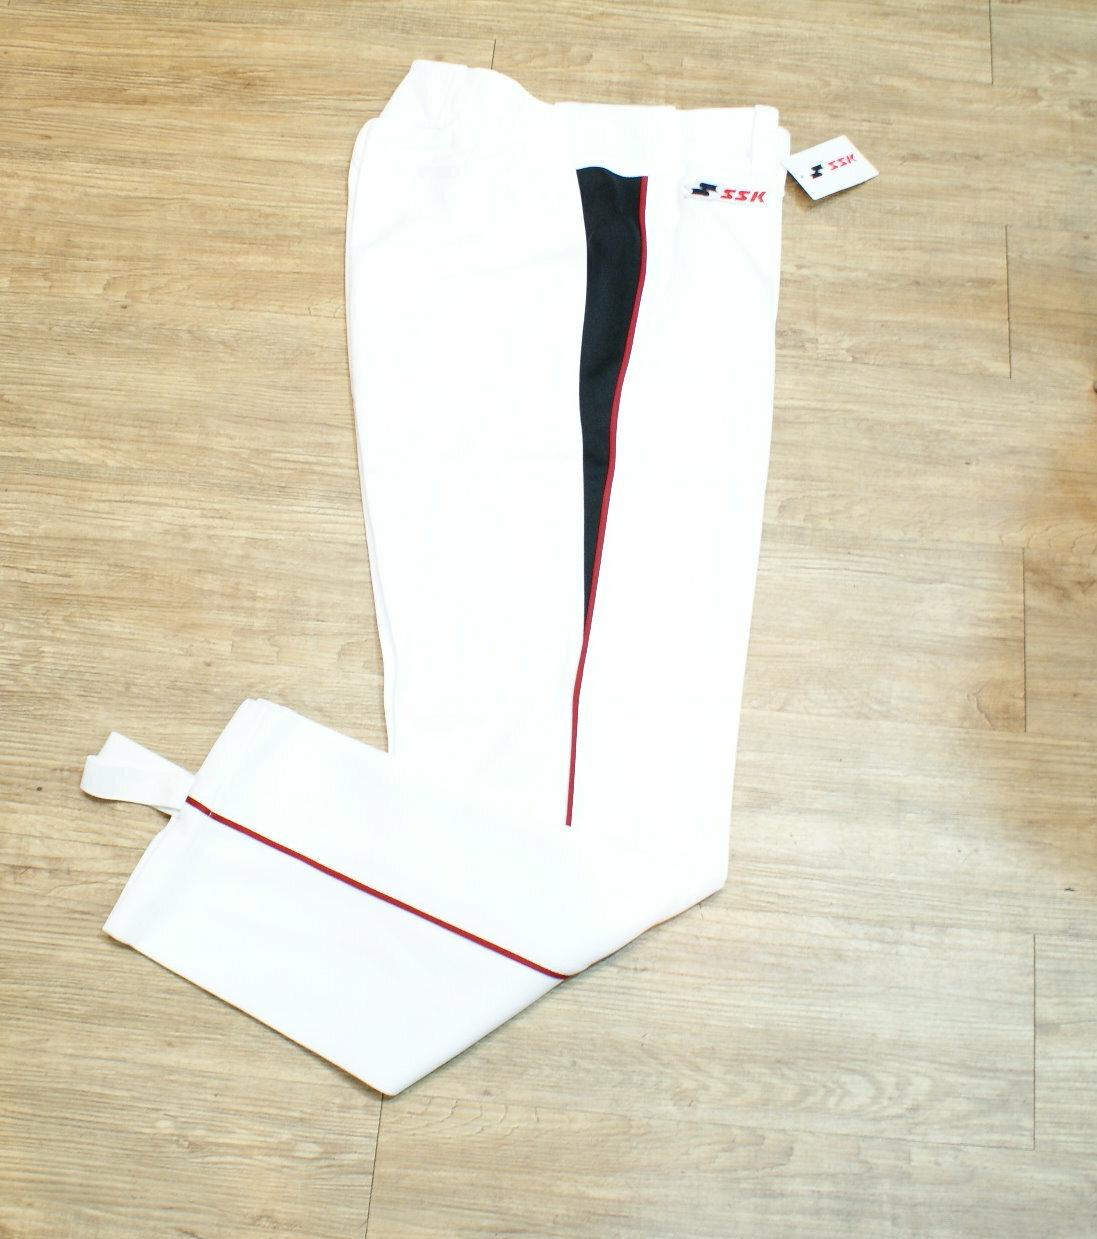 棒球世界ssk 最新款棒壘球褲 SSK600 特價 三色 倒三角剪裁